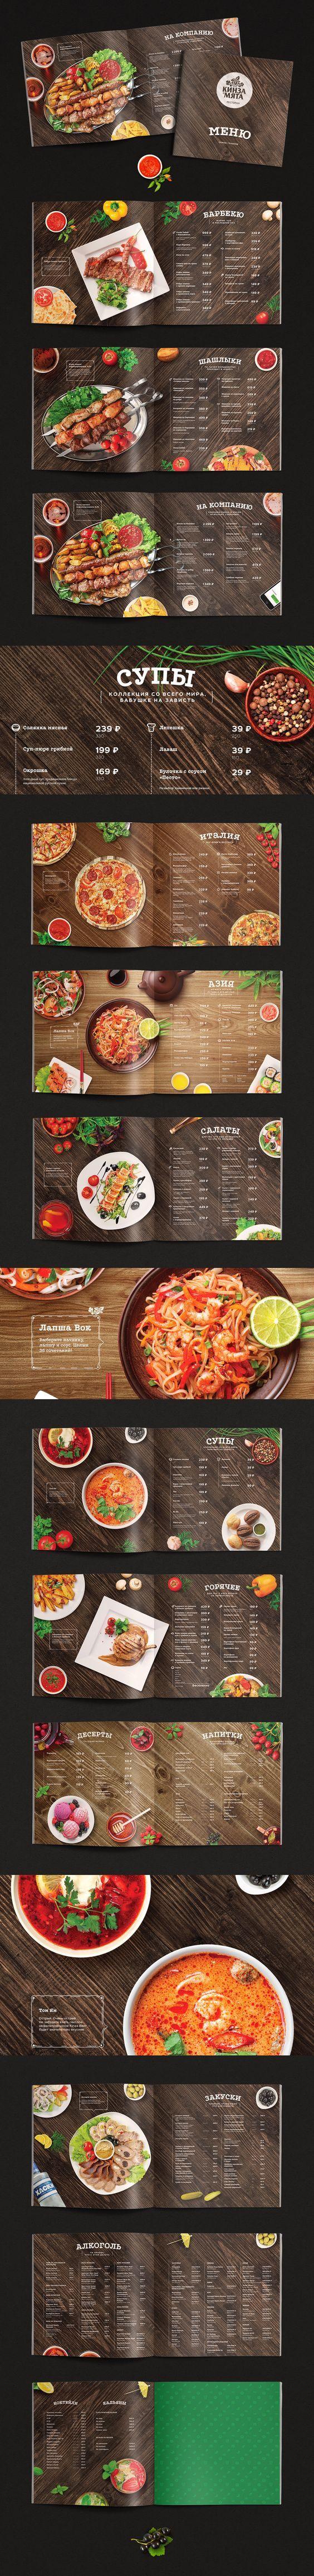 66 best menu design images on Pinterest